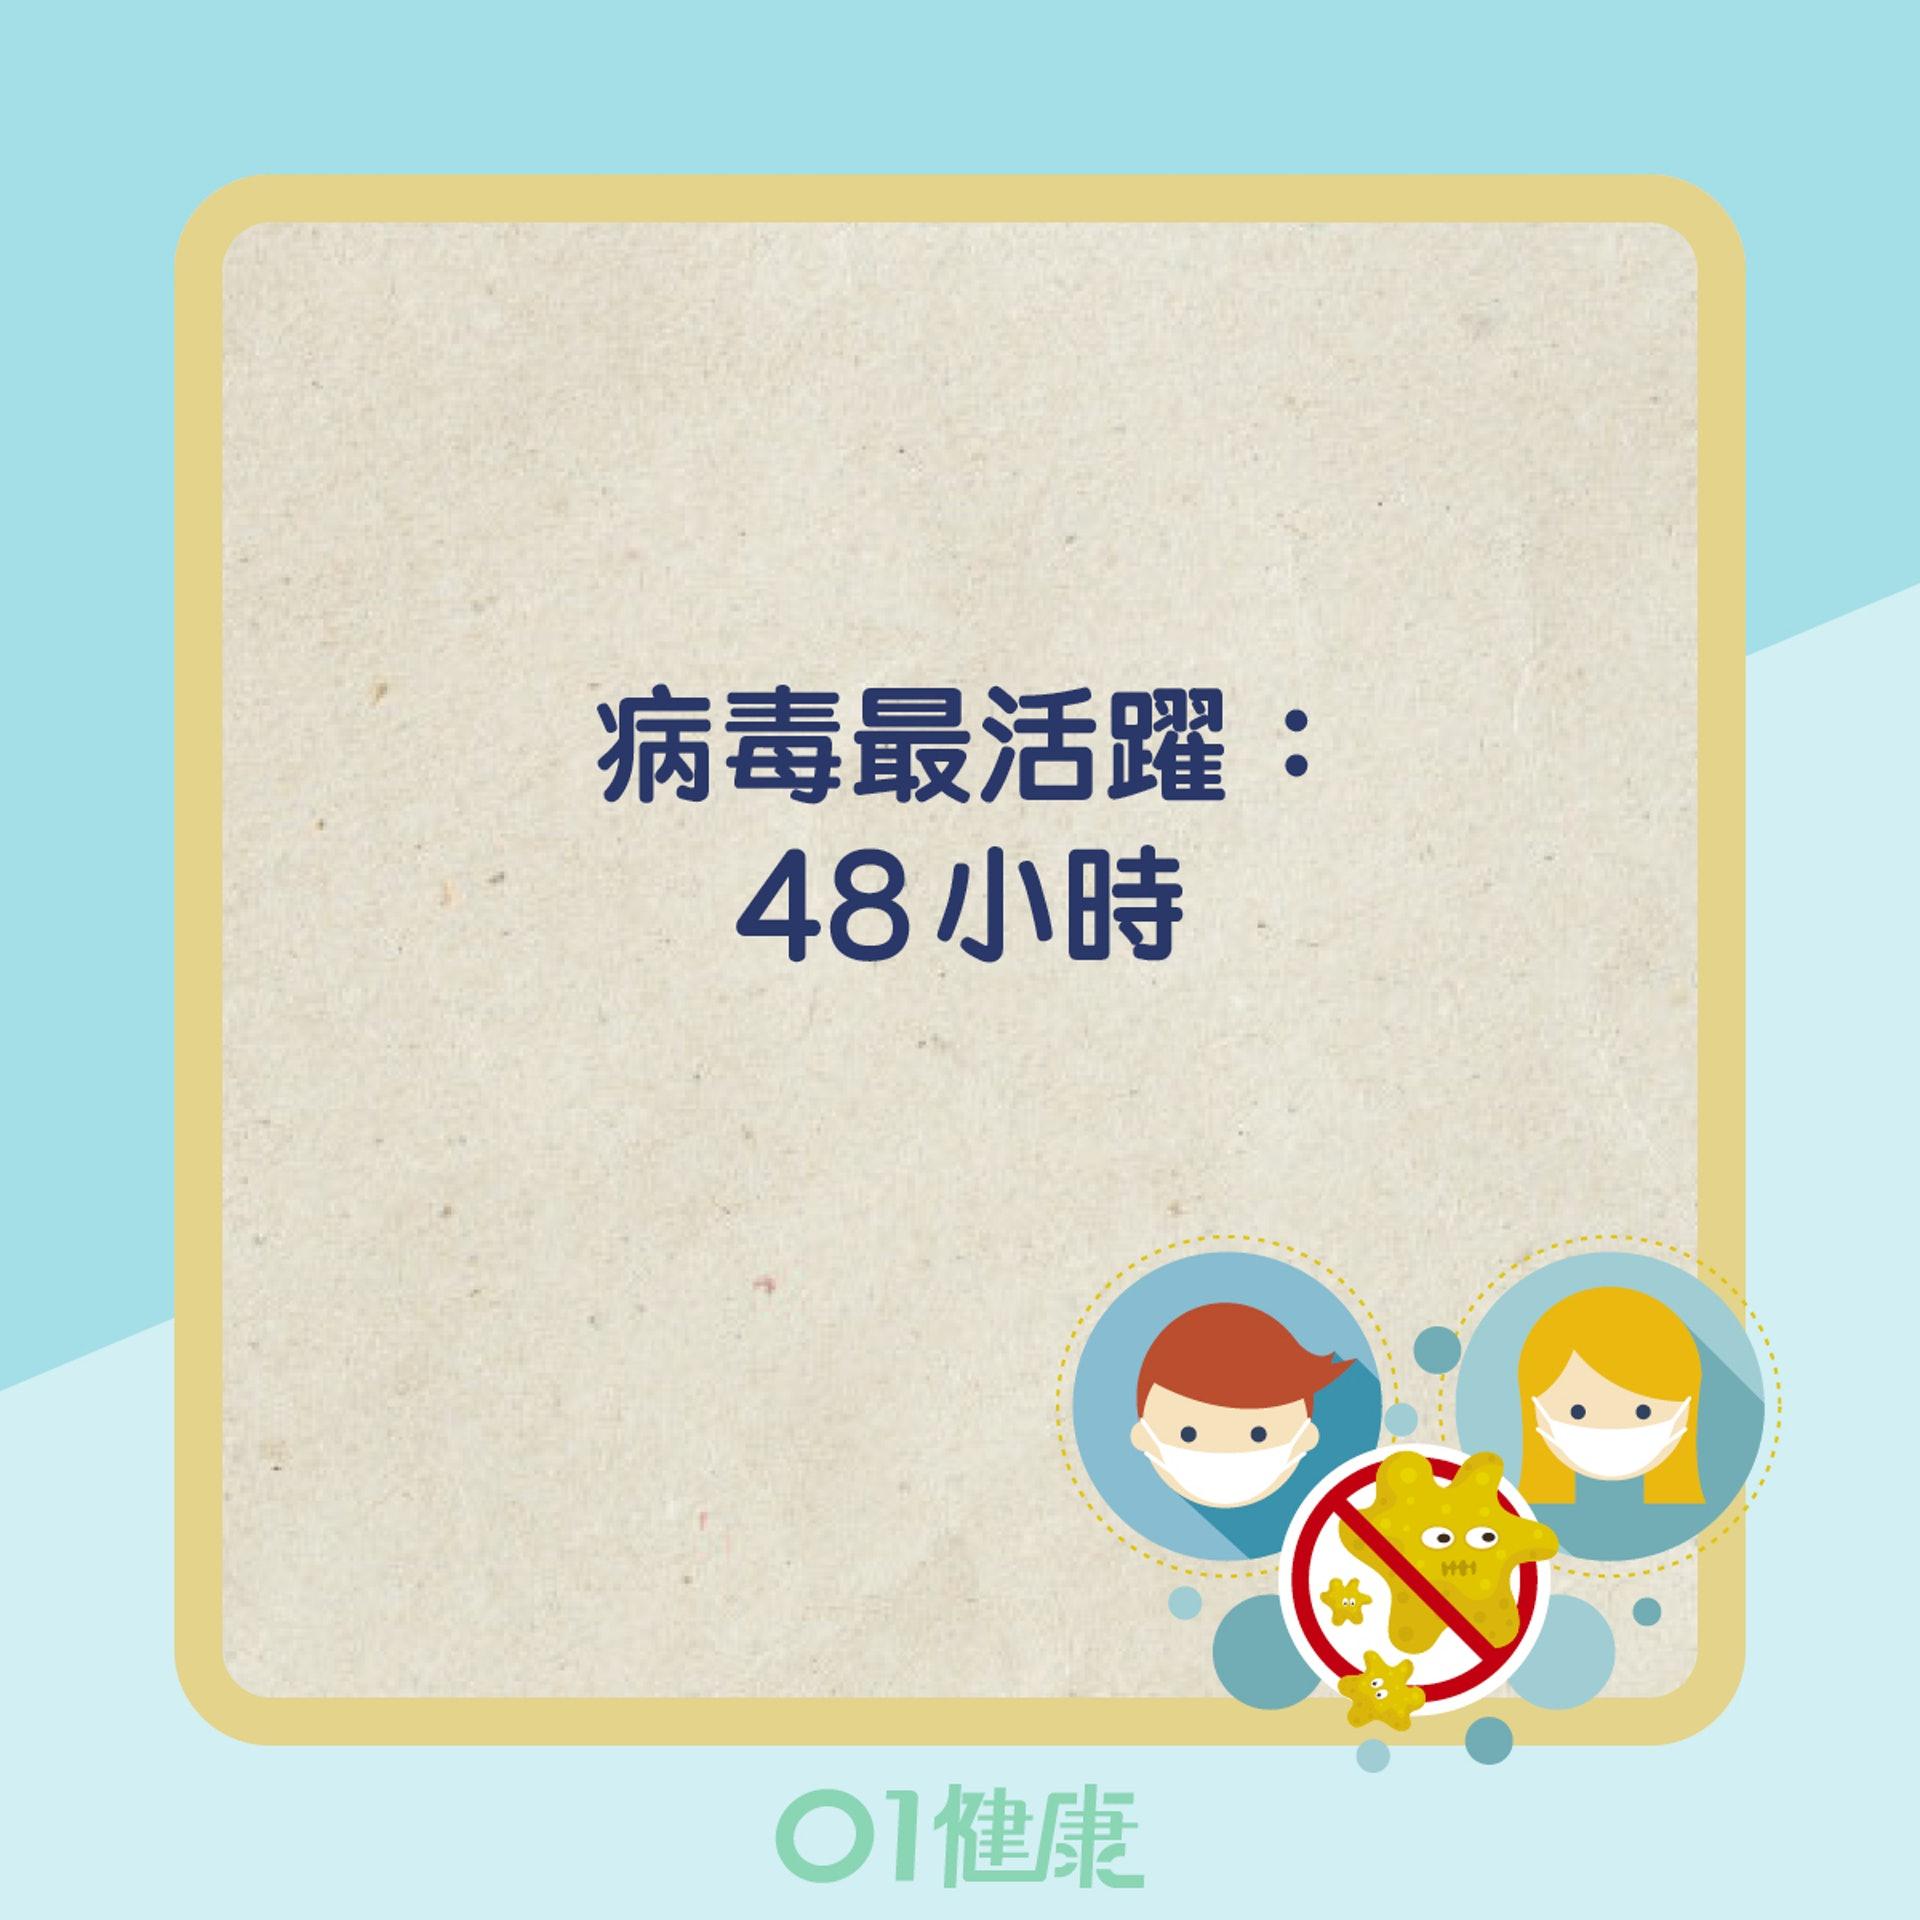 新冠病毒存活時間(01製圖)